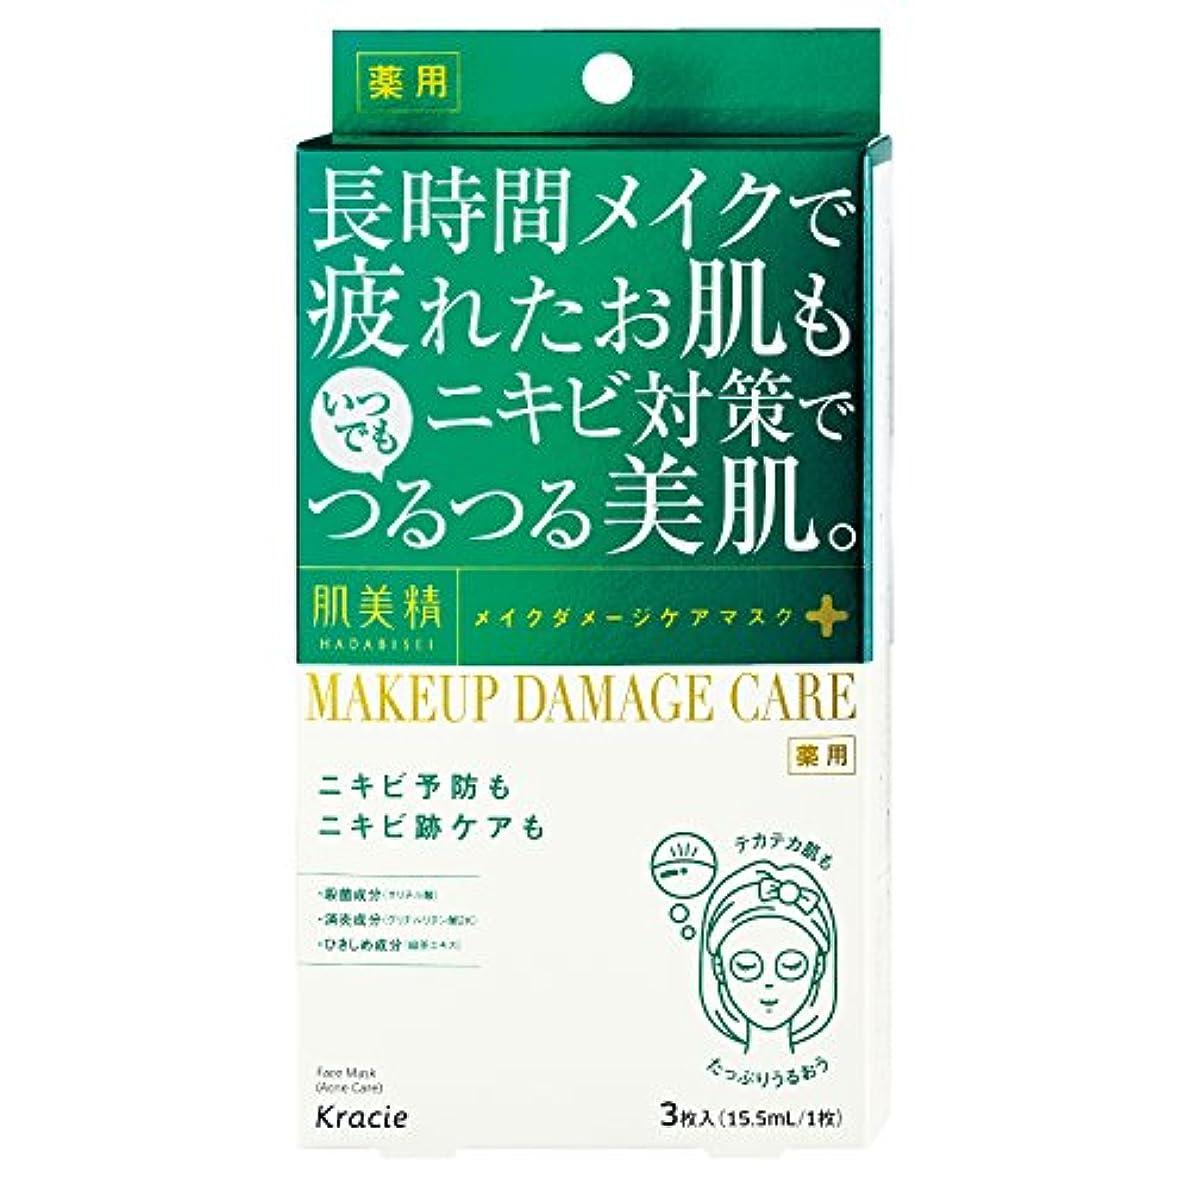 フローオセアニア意志肌美精 ビューティーケアマスク(ニキビ) [医薬部外品] 3枚